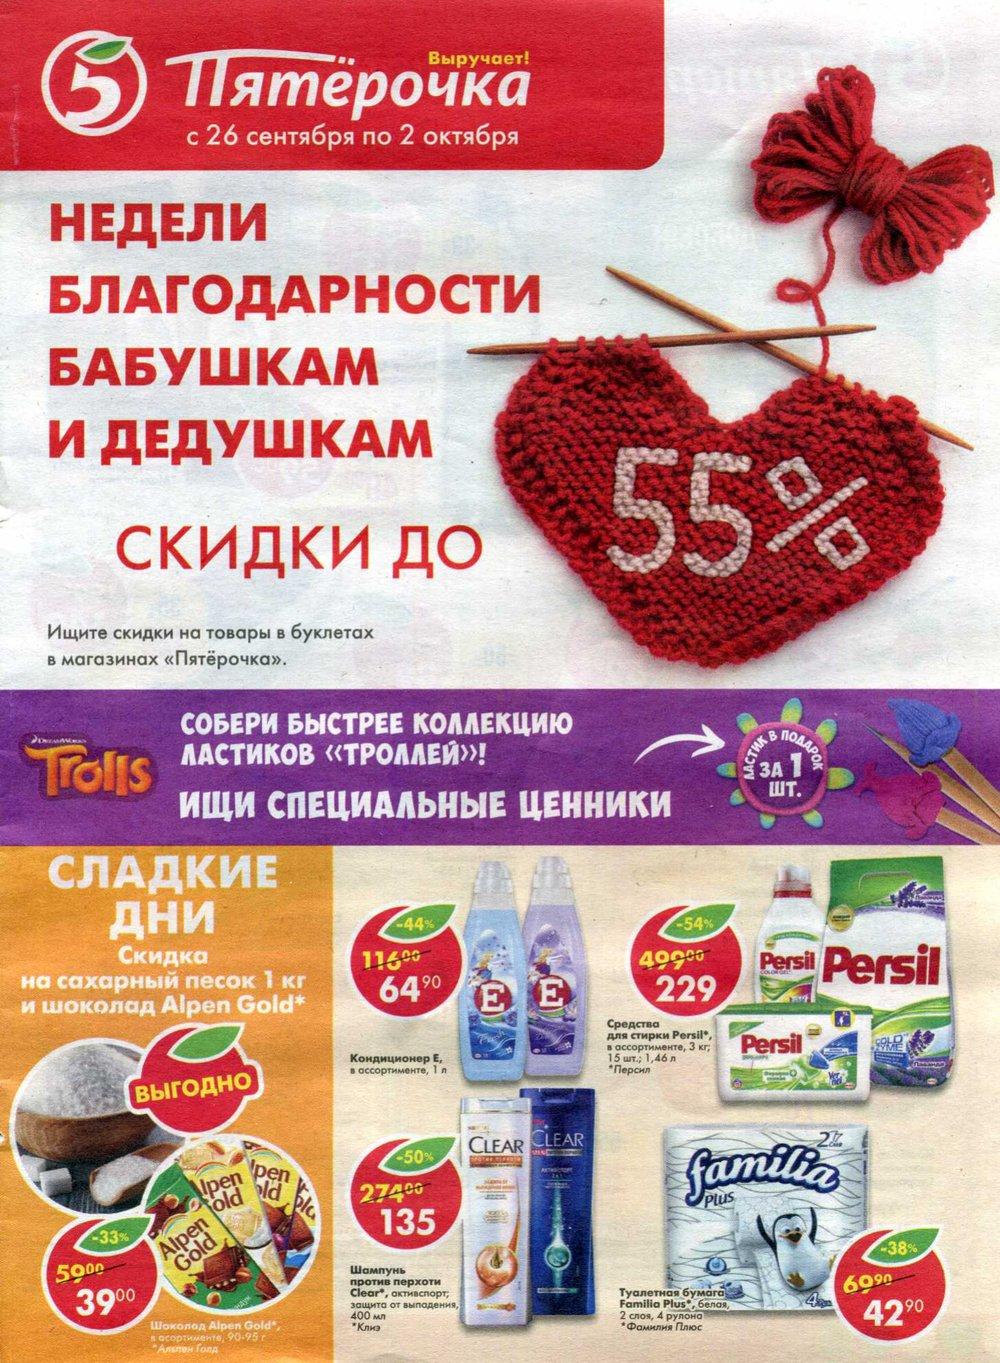 Каталог акций Пятерочка с 26 сентября по 2 октября 2017 - стр. 1